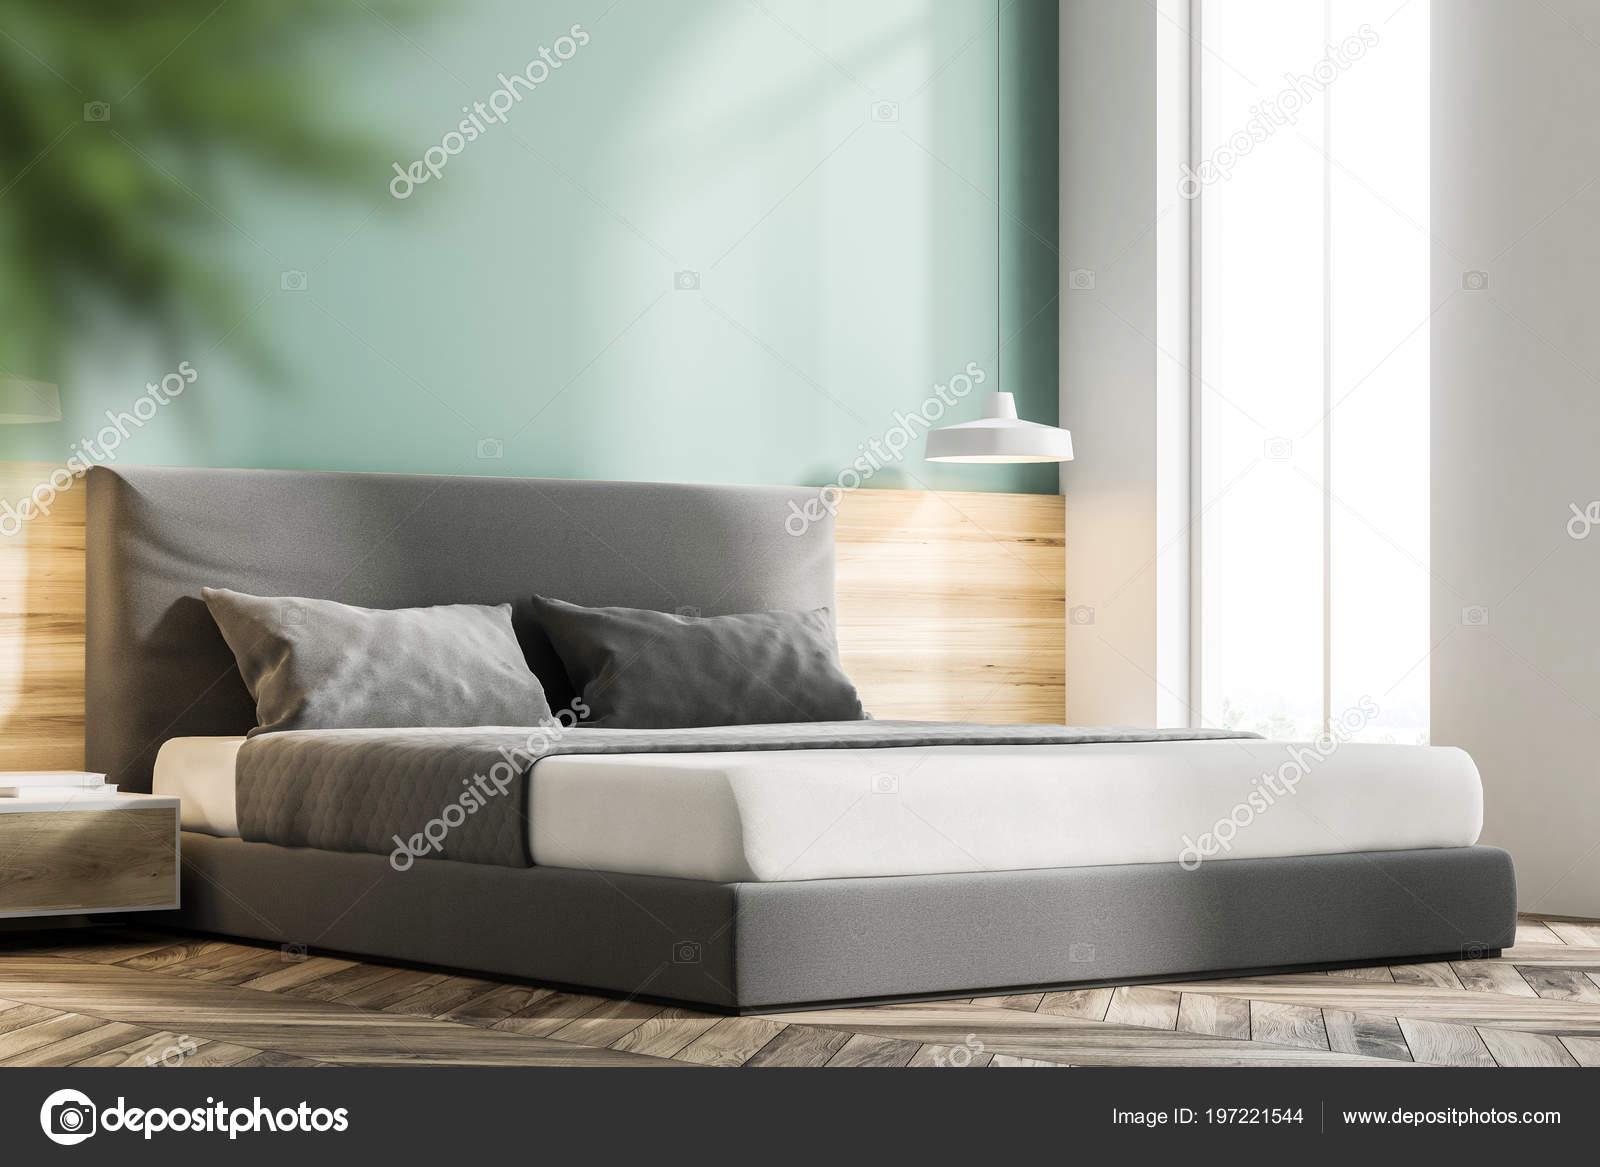 Holzfußboden Schlafzimmer ~ Modernes graues schlafzimmer mit holzboden vorderansicht